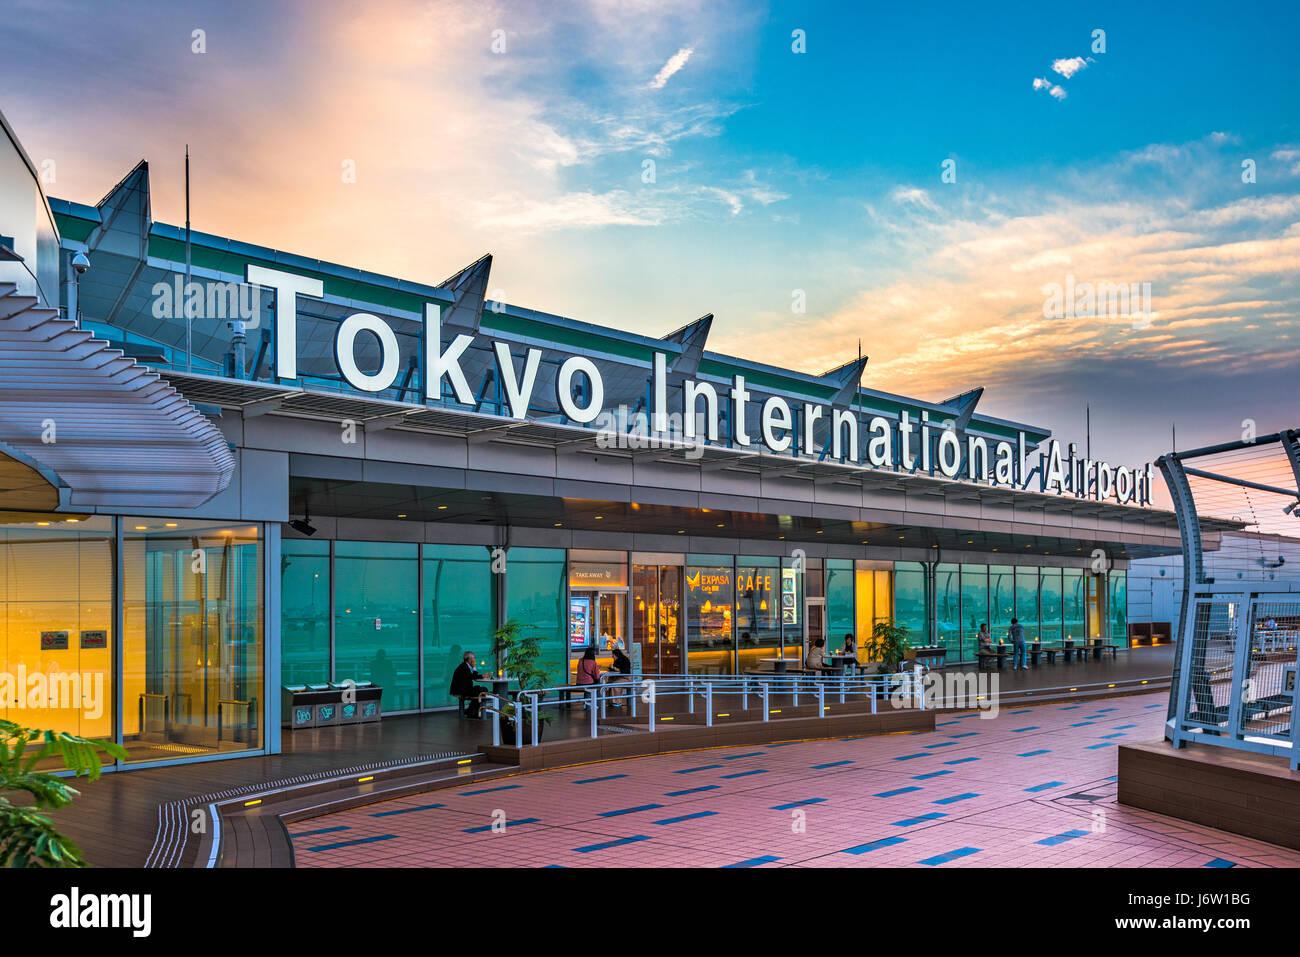 Tokio, Japón - May 11, 2017: El exterior del Aeropuerto Internacional de Tokio, mejor conocido como el aeropuerto Imagen De Stock